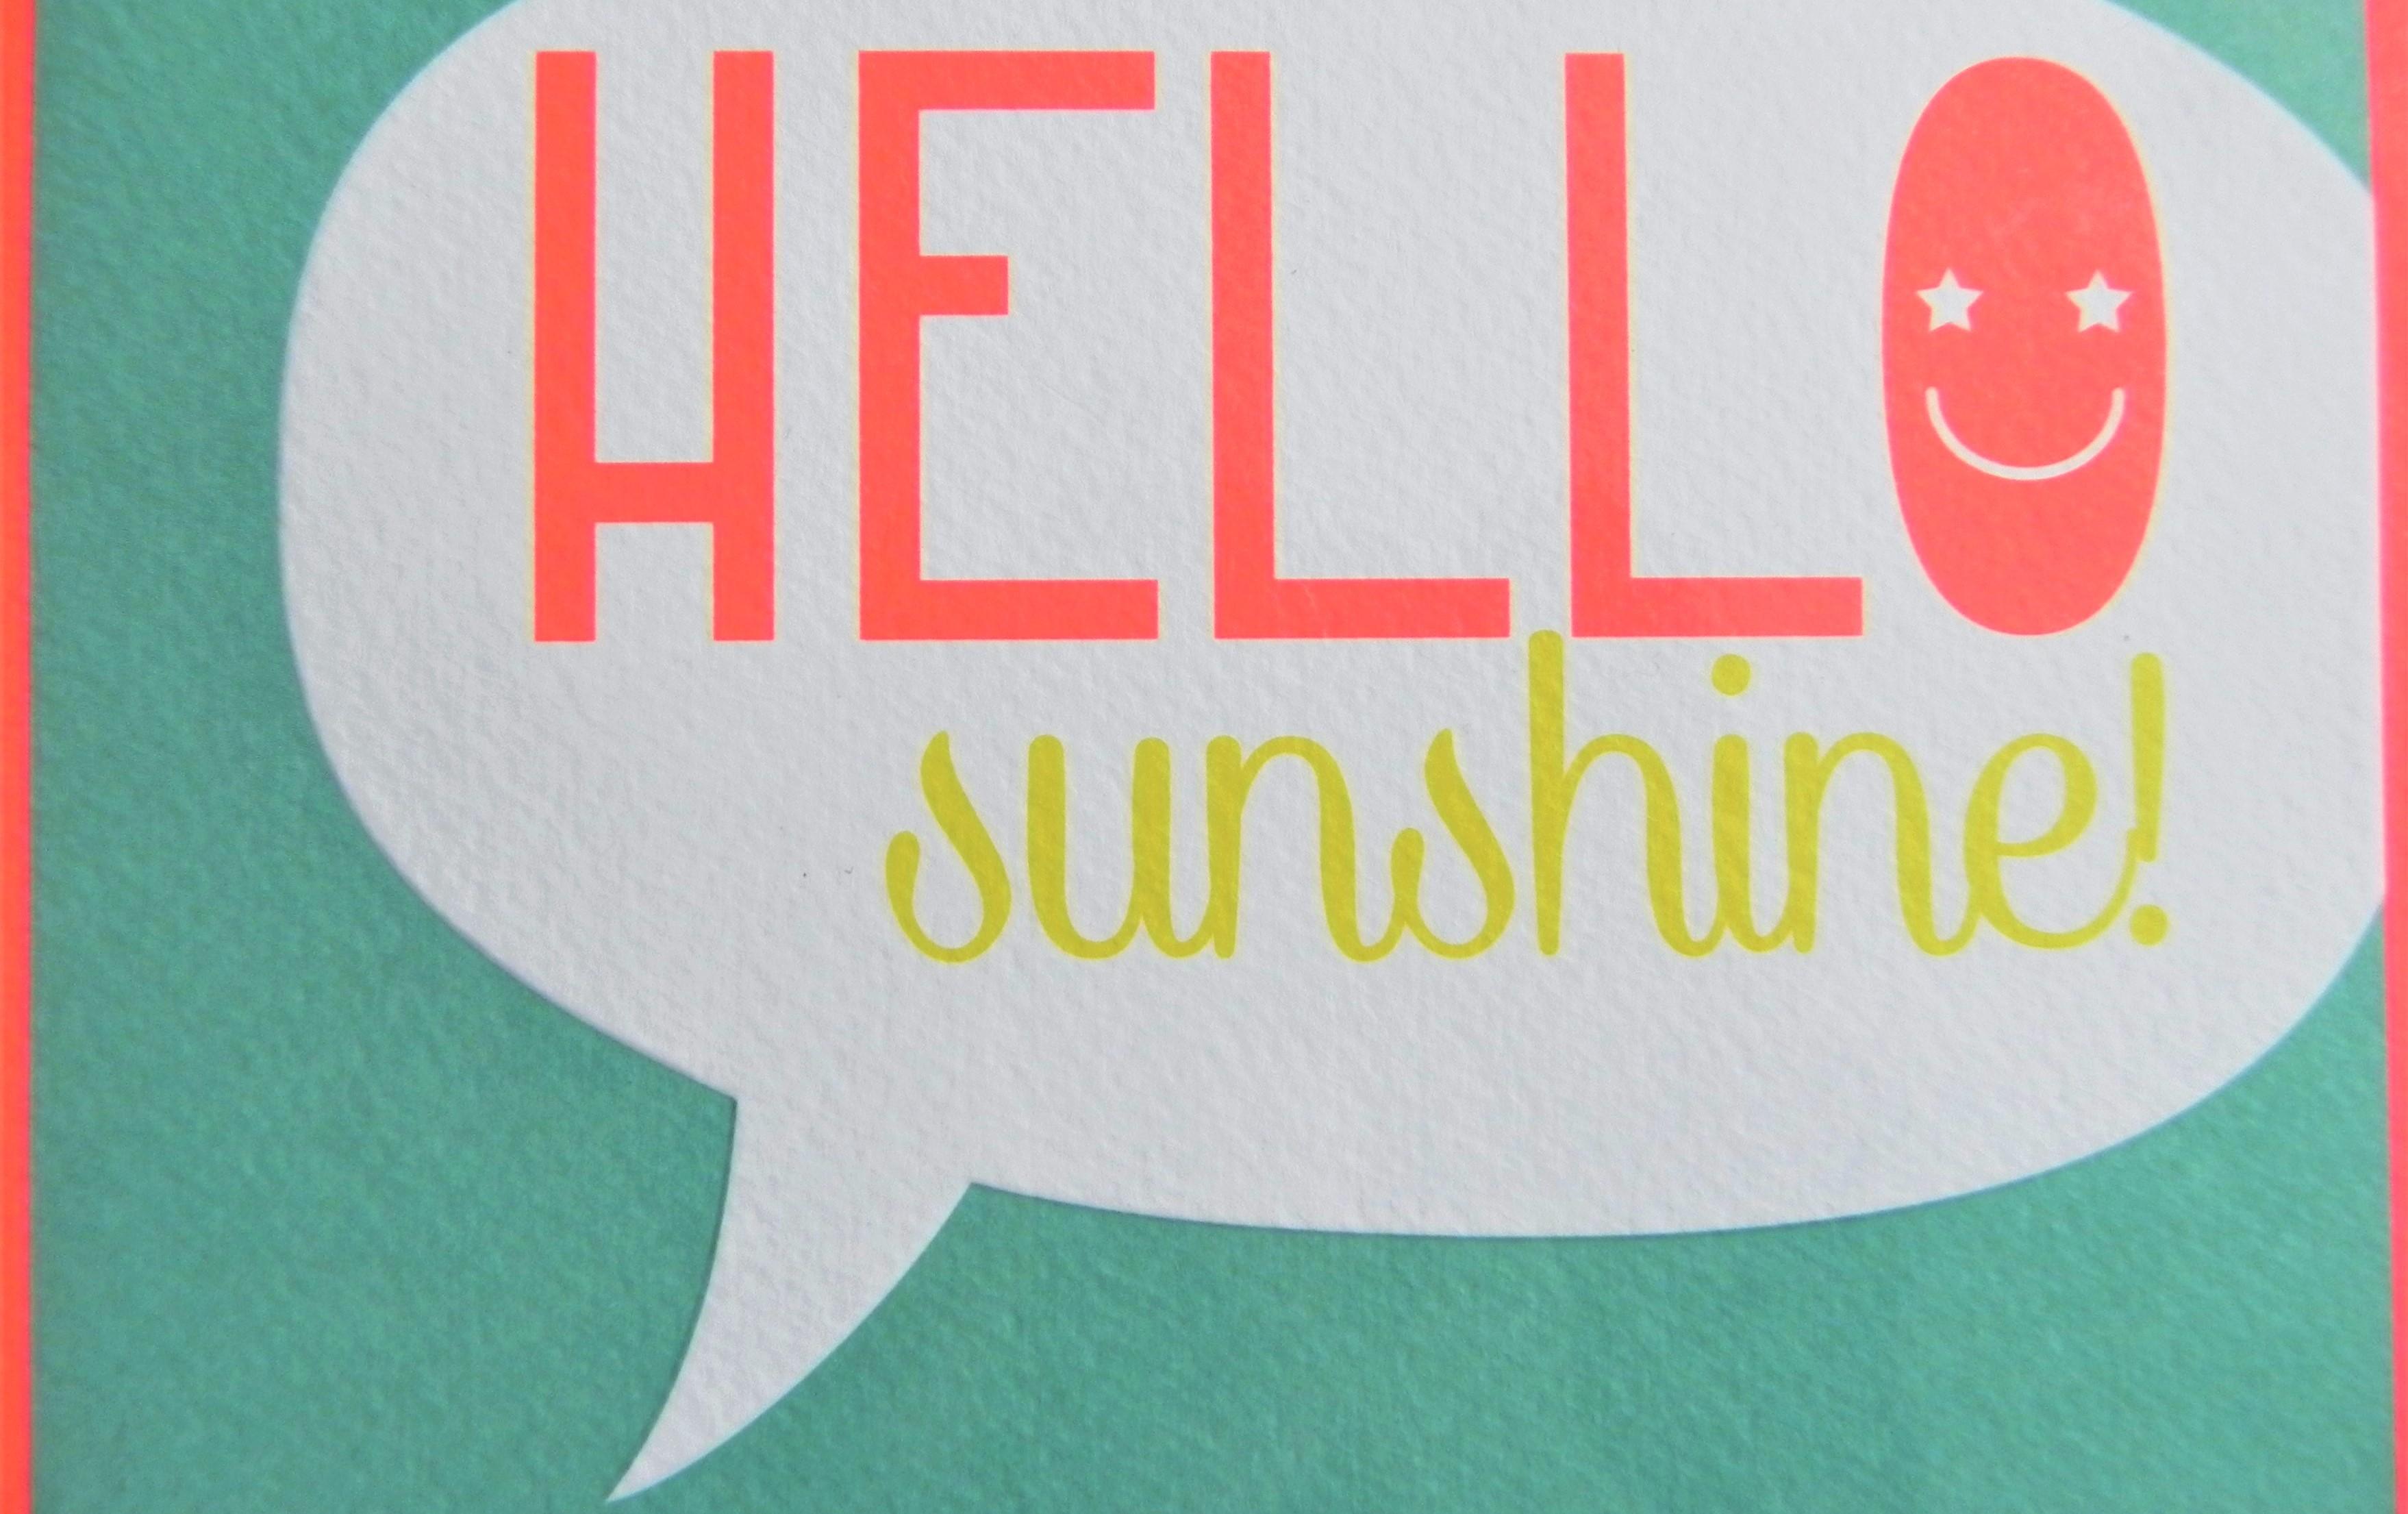 blij, blij maken, anderen, happy, blog, iets doen voor anderen, mamablog, mama, lifestyle, mamalifestyle, la log, la log.nl